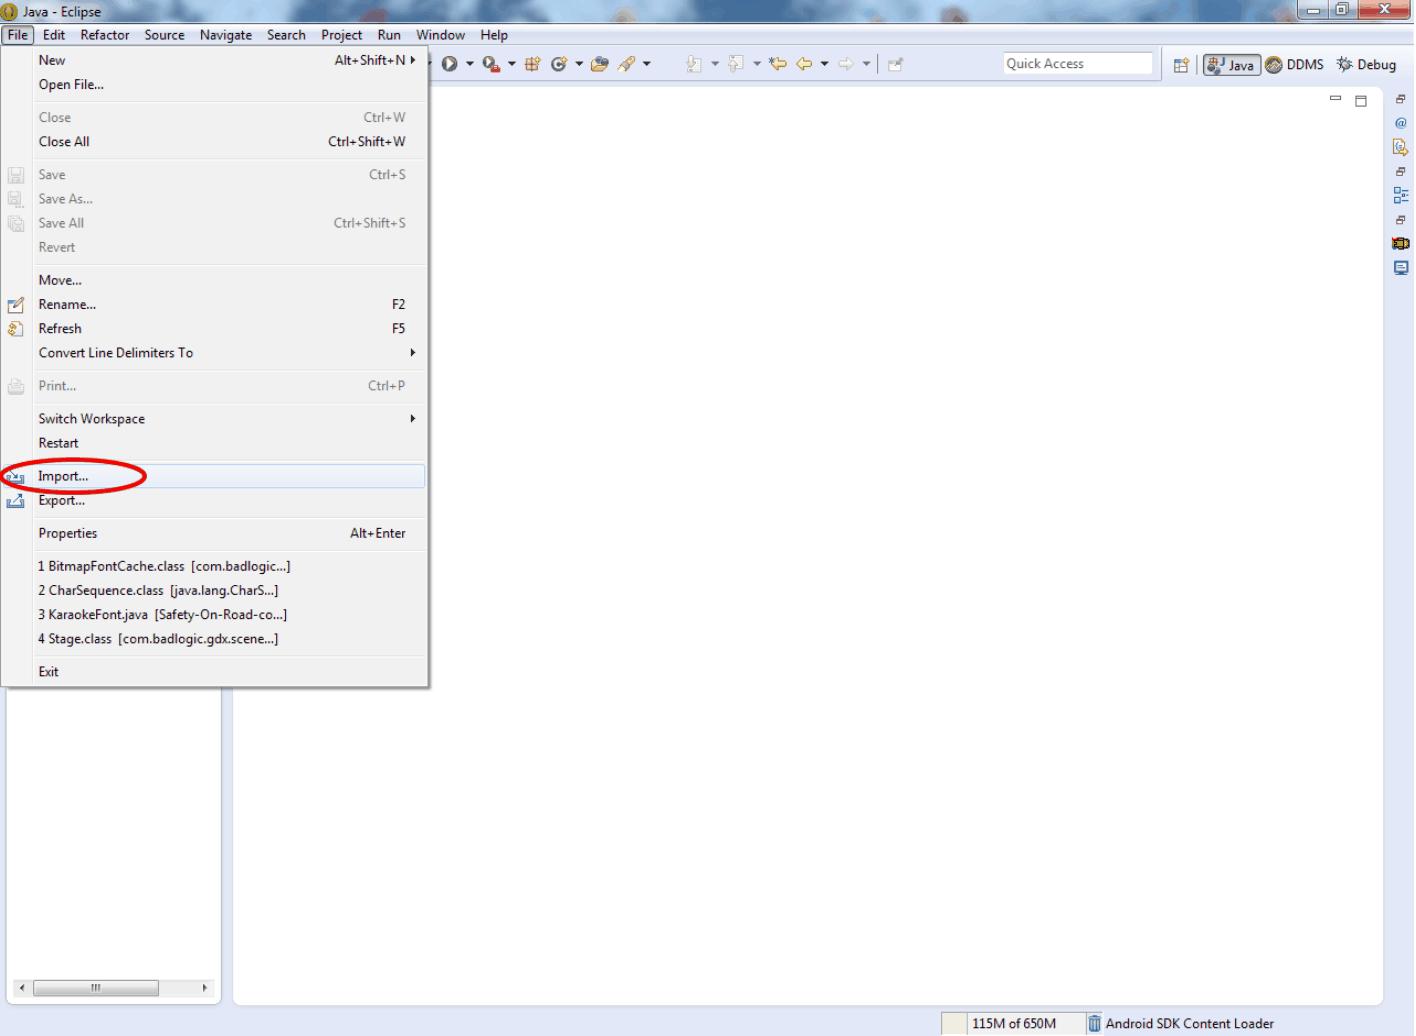 Открывайте Эклипс и находите в меню File пункт Import